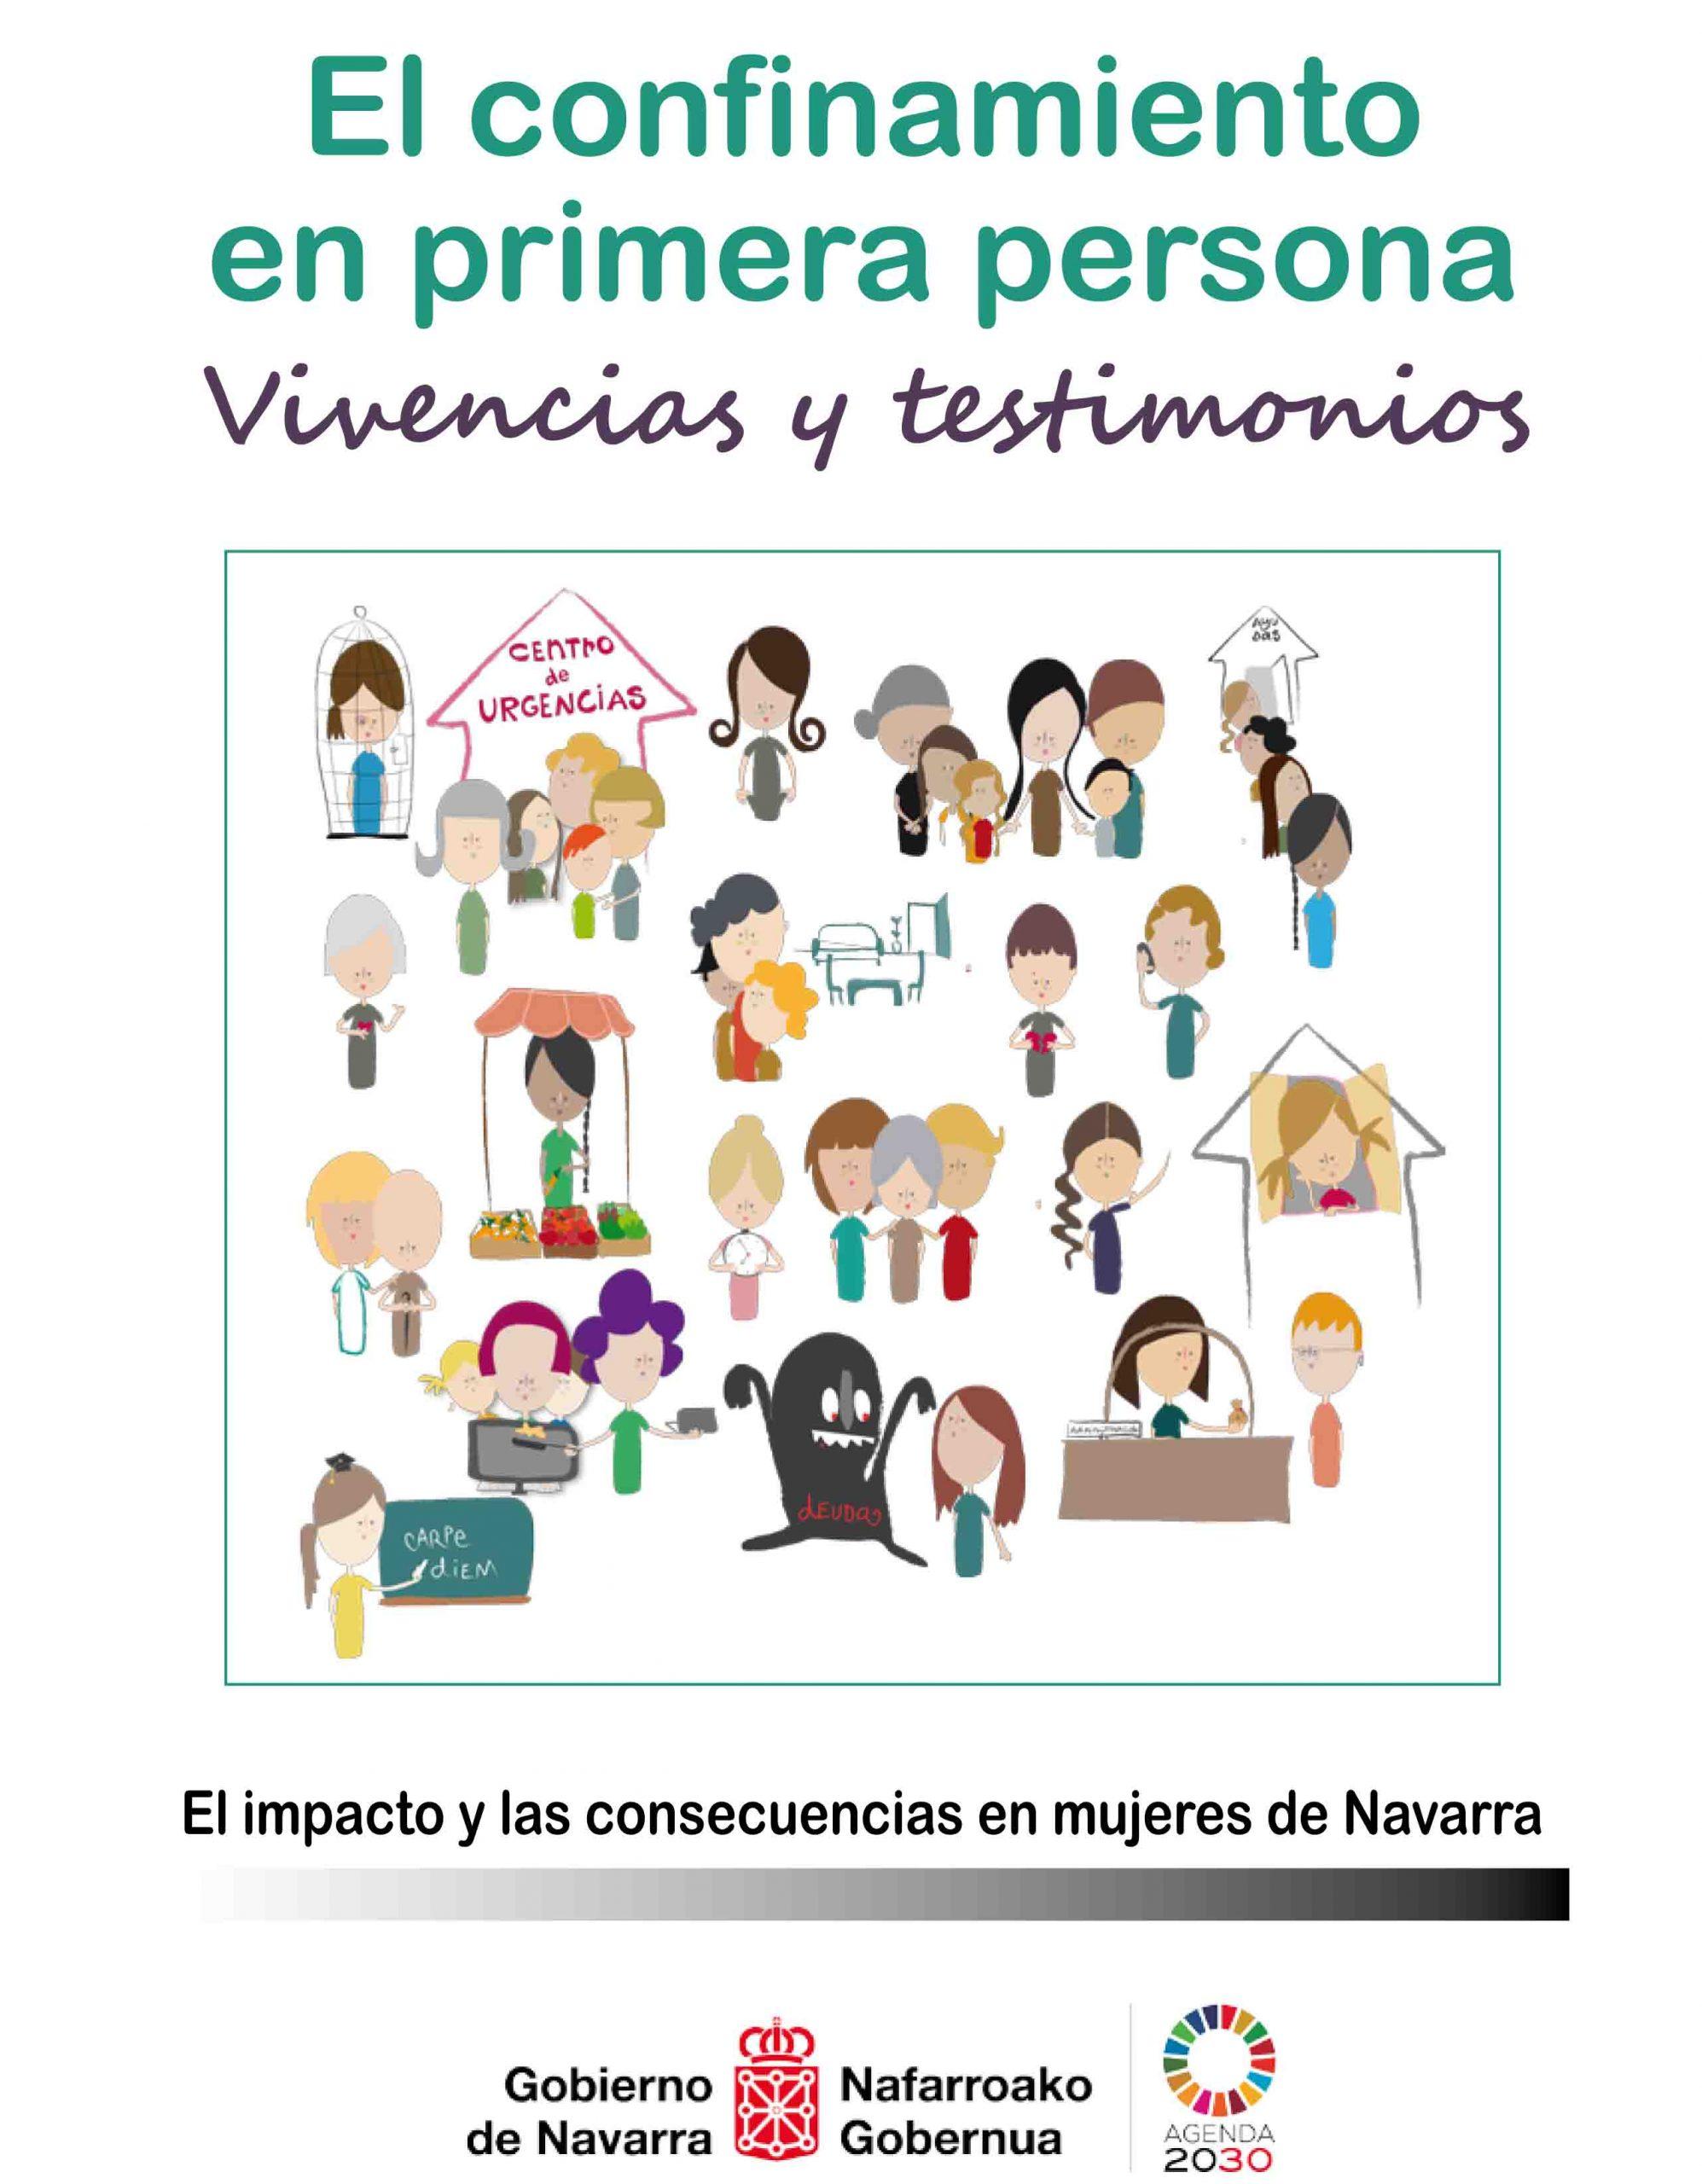 El confinamiento en primera persona. Vivencias y testimonios. El impacto y las consecuencias en mujeres de Navarra